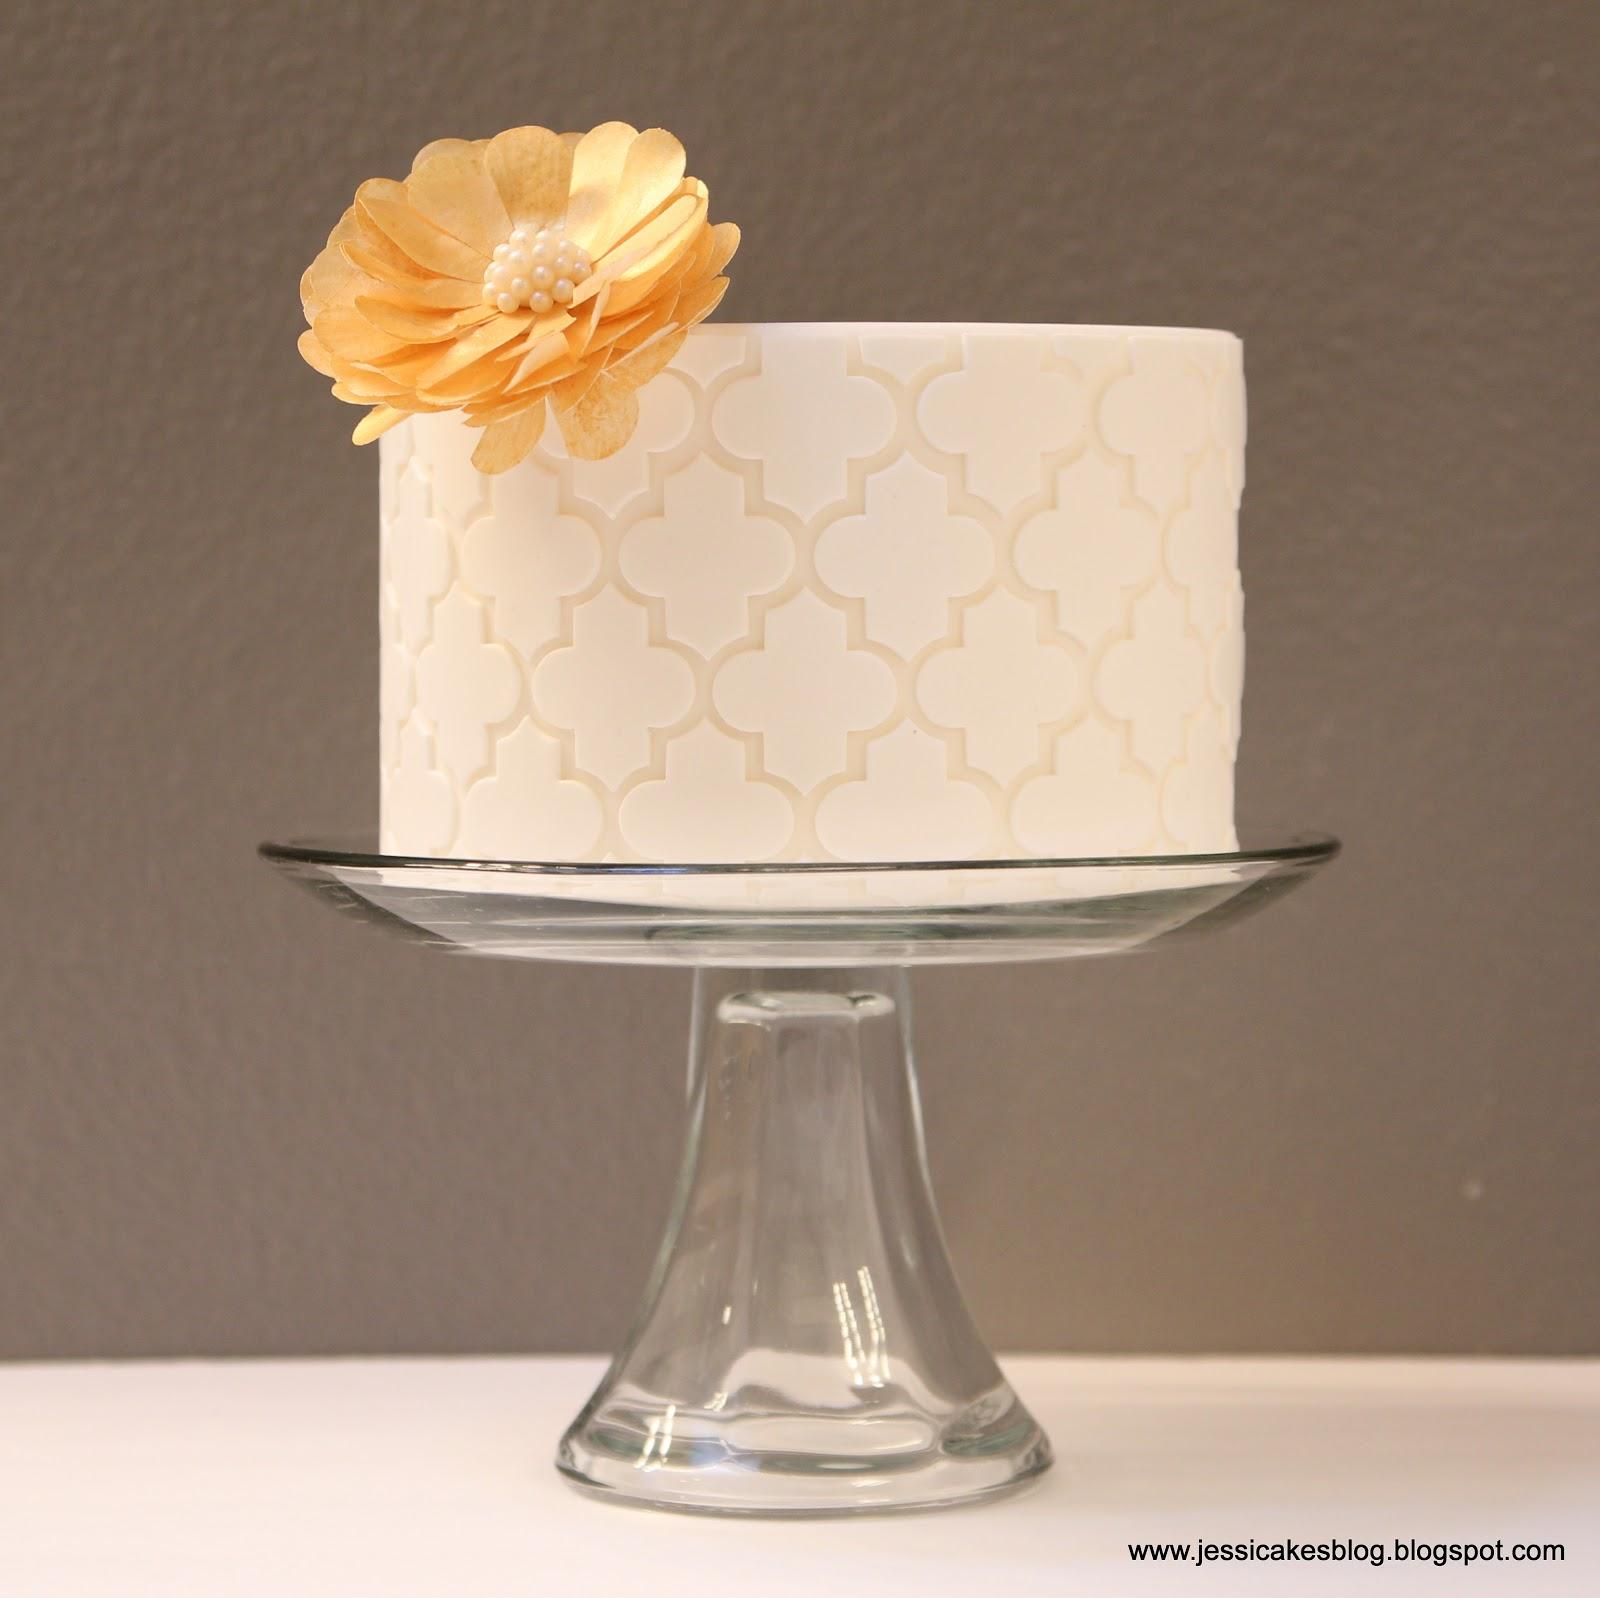 Cake Designs On Paper : Image from http://i1.wp.com/jessicaharriscakedesign.com/wp ...